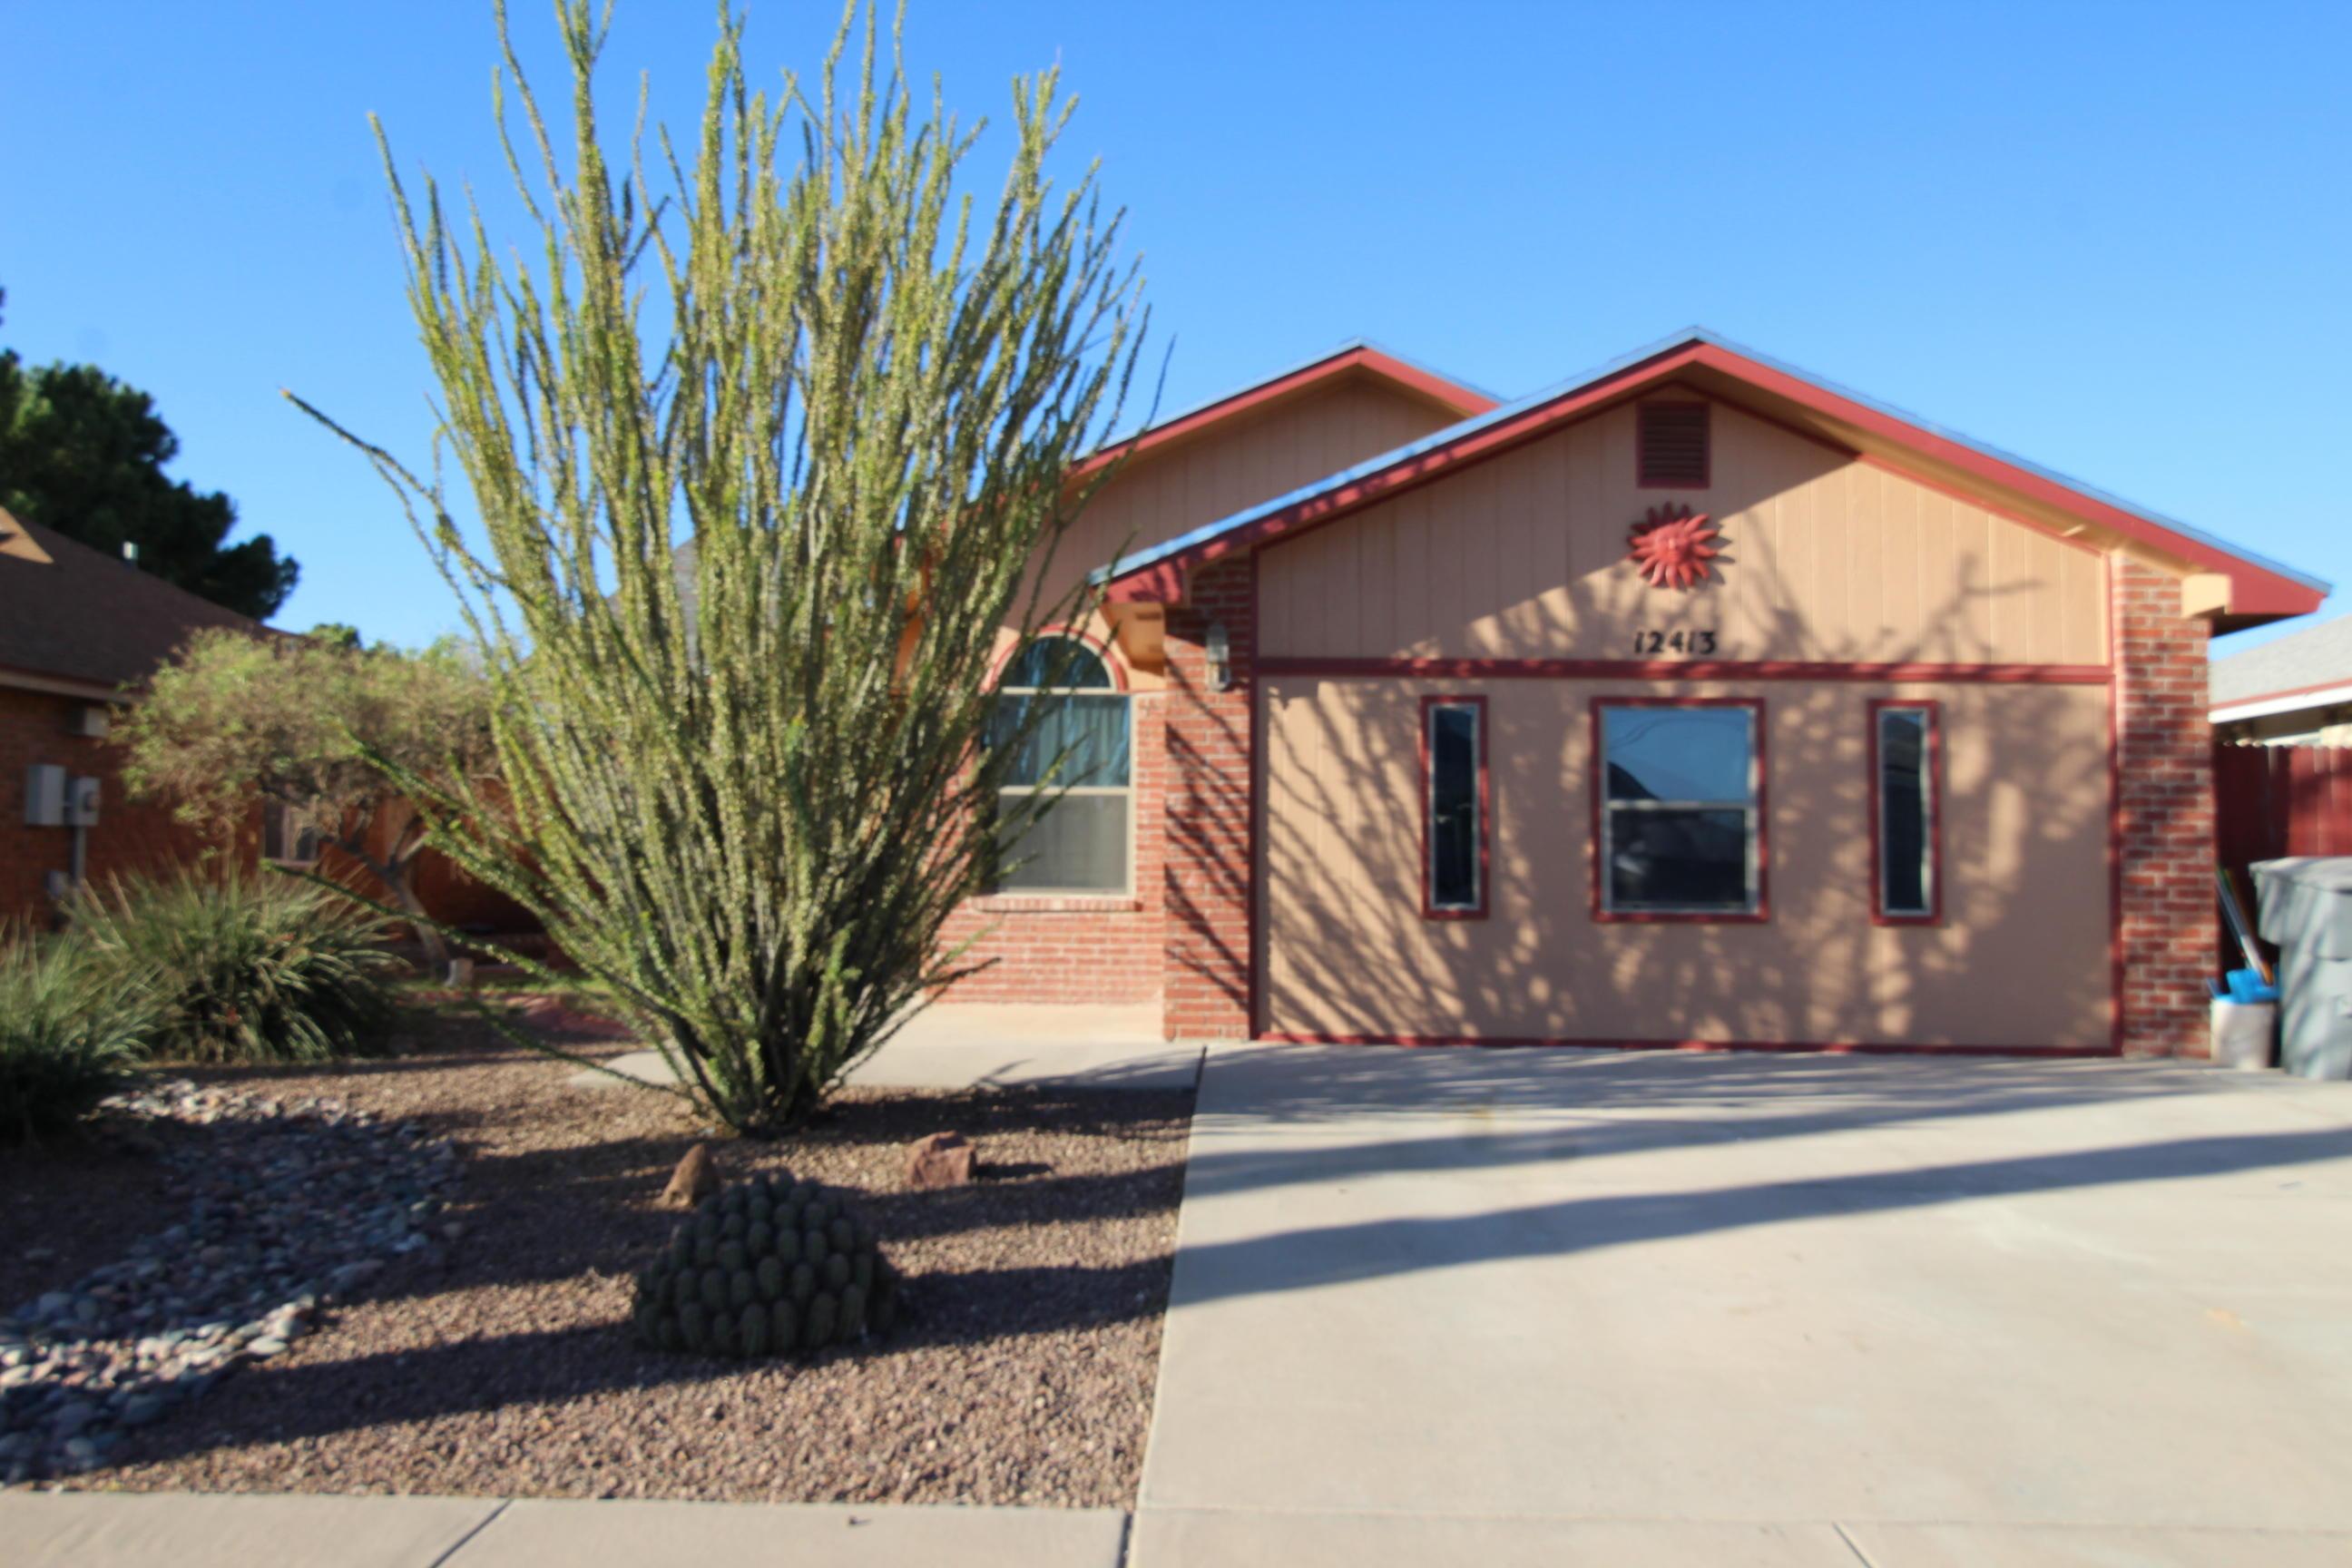 12413 FLORA ALBA, El Paso, Texas 79928, 4 Bedrooms Bedrooms, ,2 BathroomsBathrooms,Residential,For sale,FLORA ALBA,817372